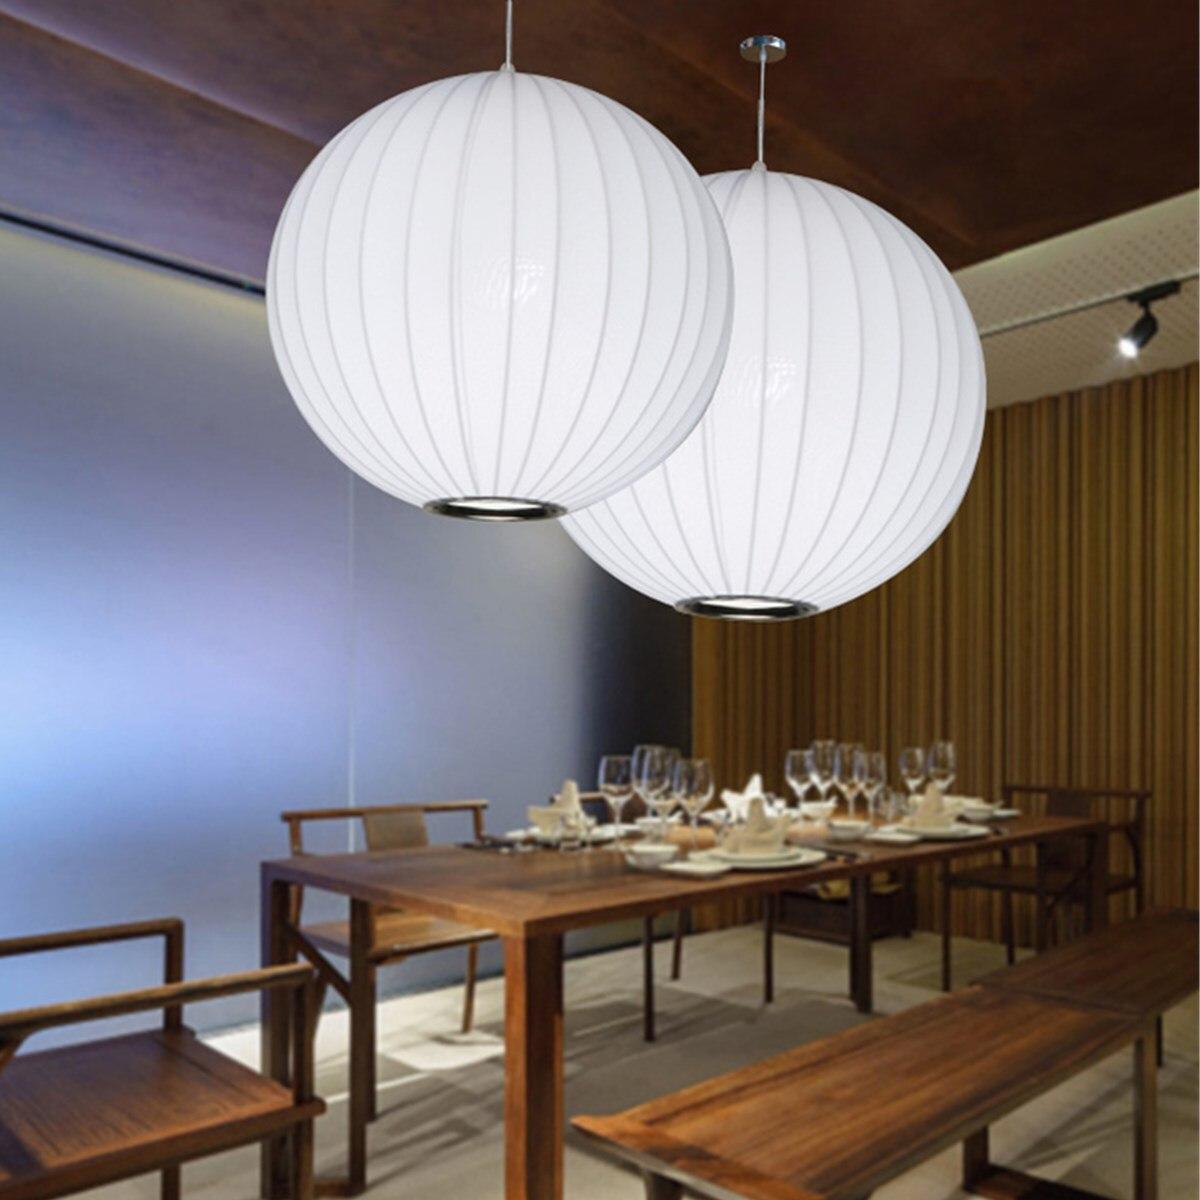 E27 soie pendentif lumières bulle lampe blanche boule de soie pendentif lumière blanc salon maison pendentif lampe pendentif éclairage intérieur